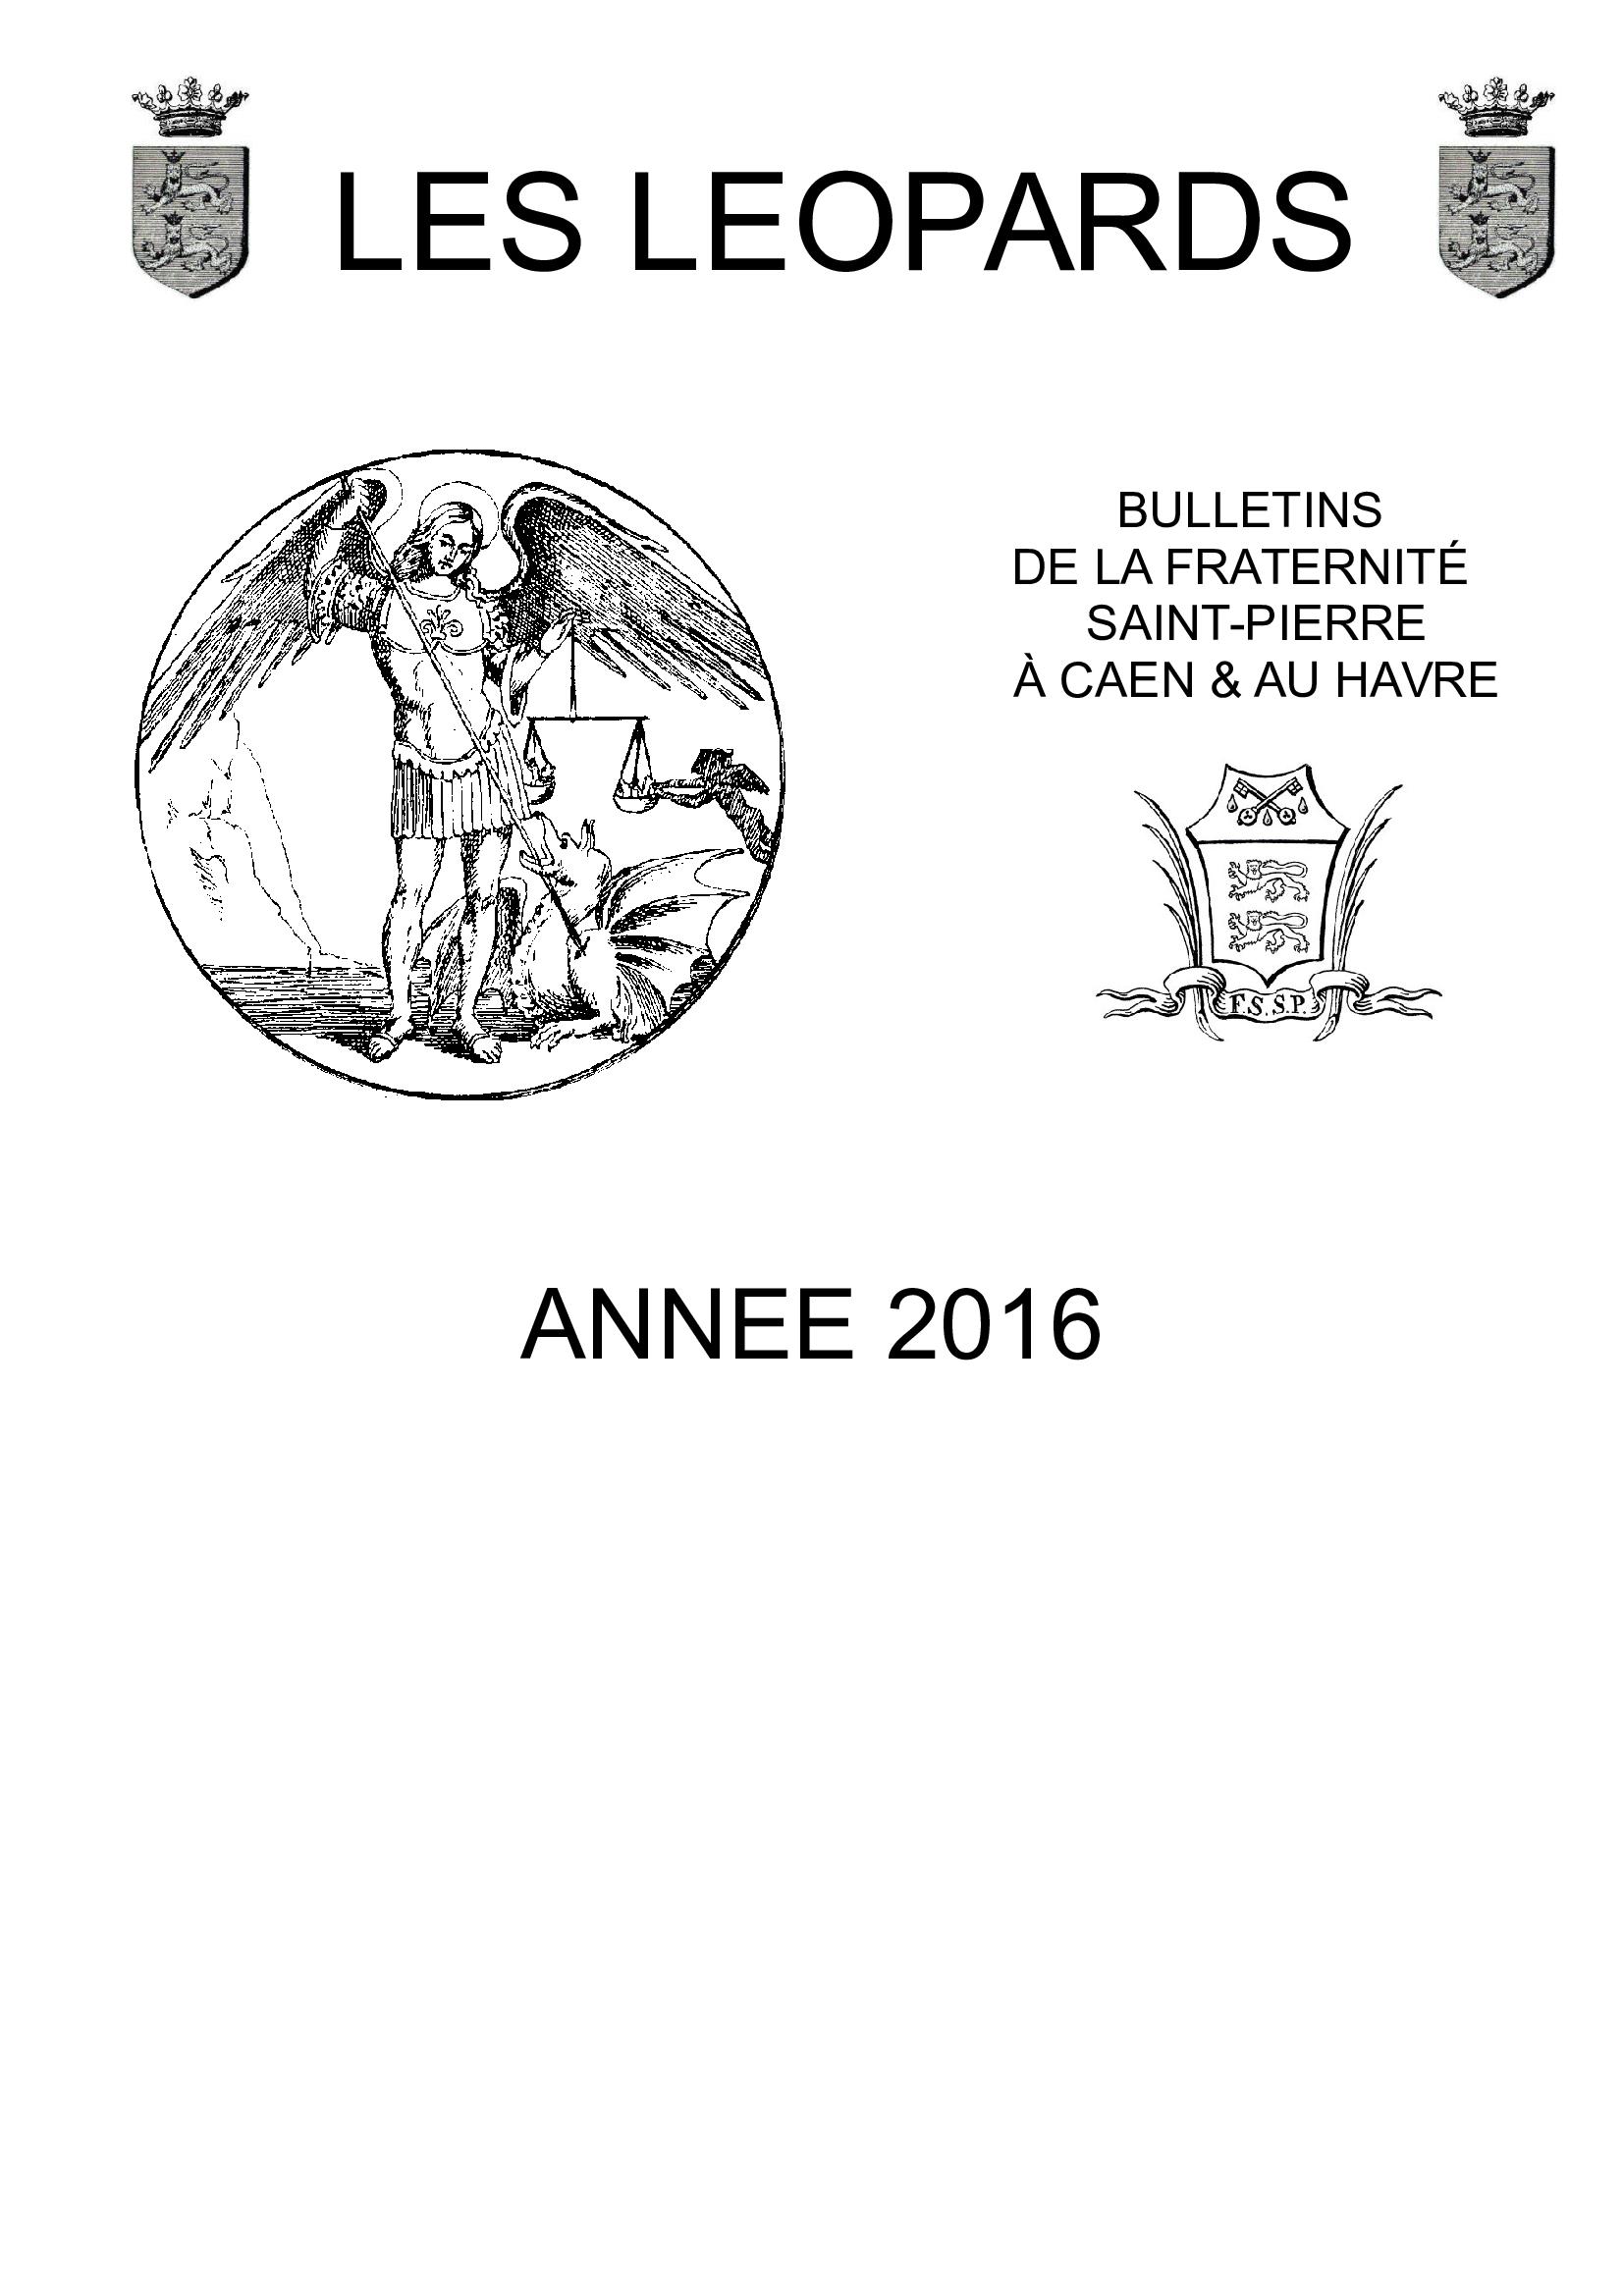 Bulletins de l'année 2016